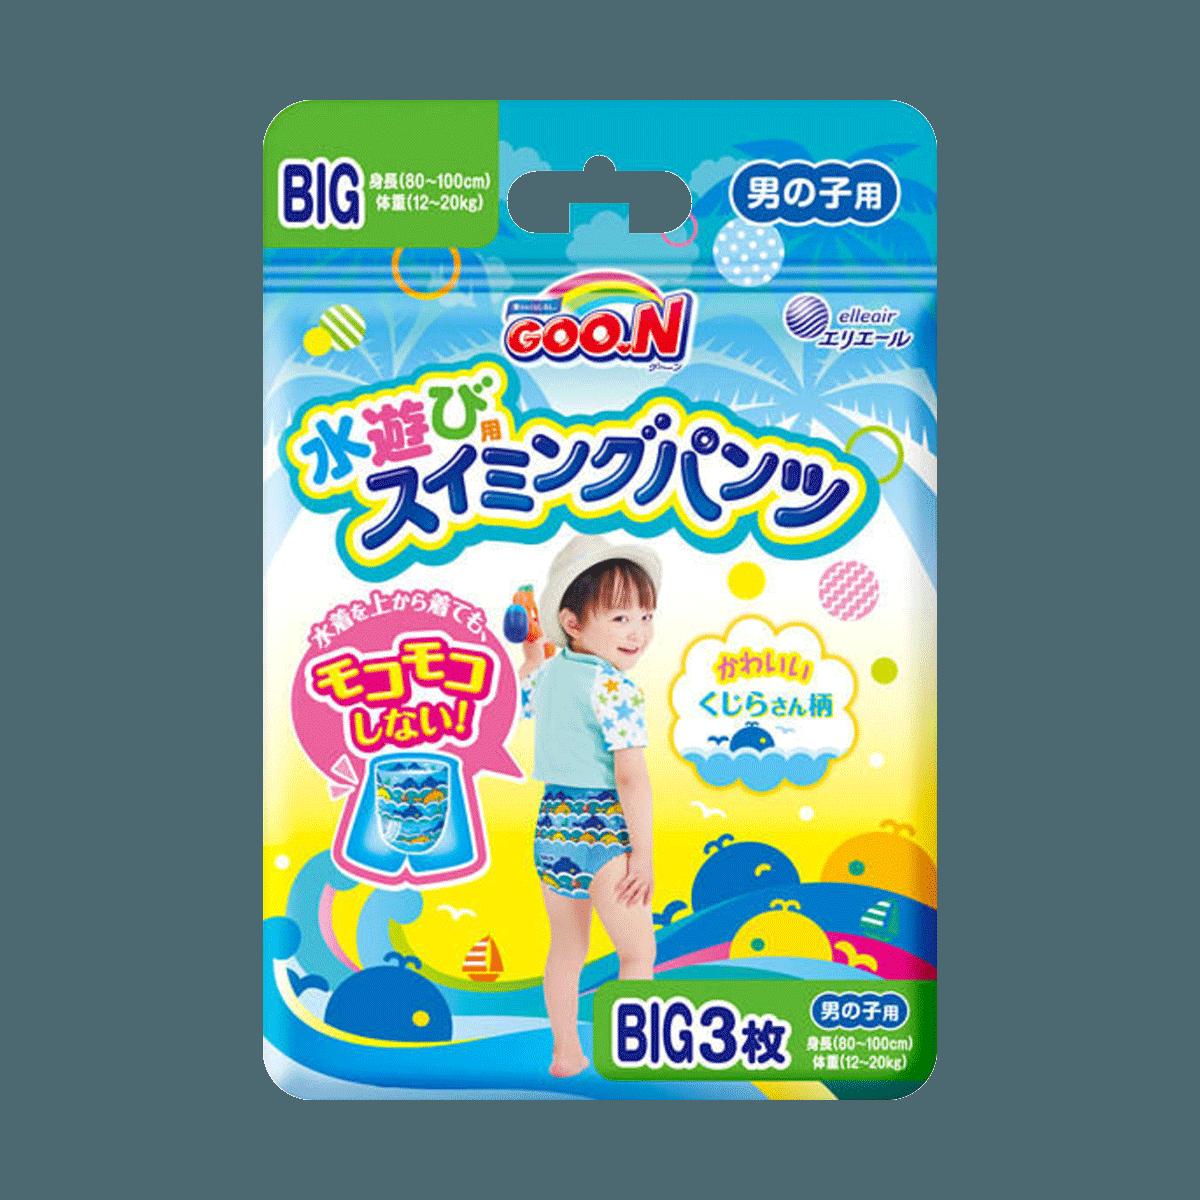 日本GOO.N大王 宝宝儿童游泳纸尿裤尿不湿 防漏 男宝宝 #加大号  3枚入 怎么样 - 亚米网